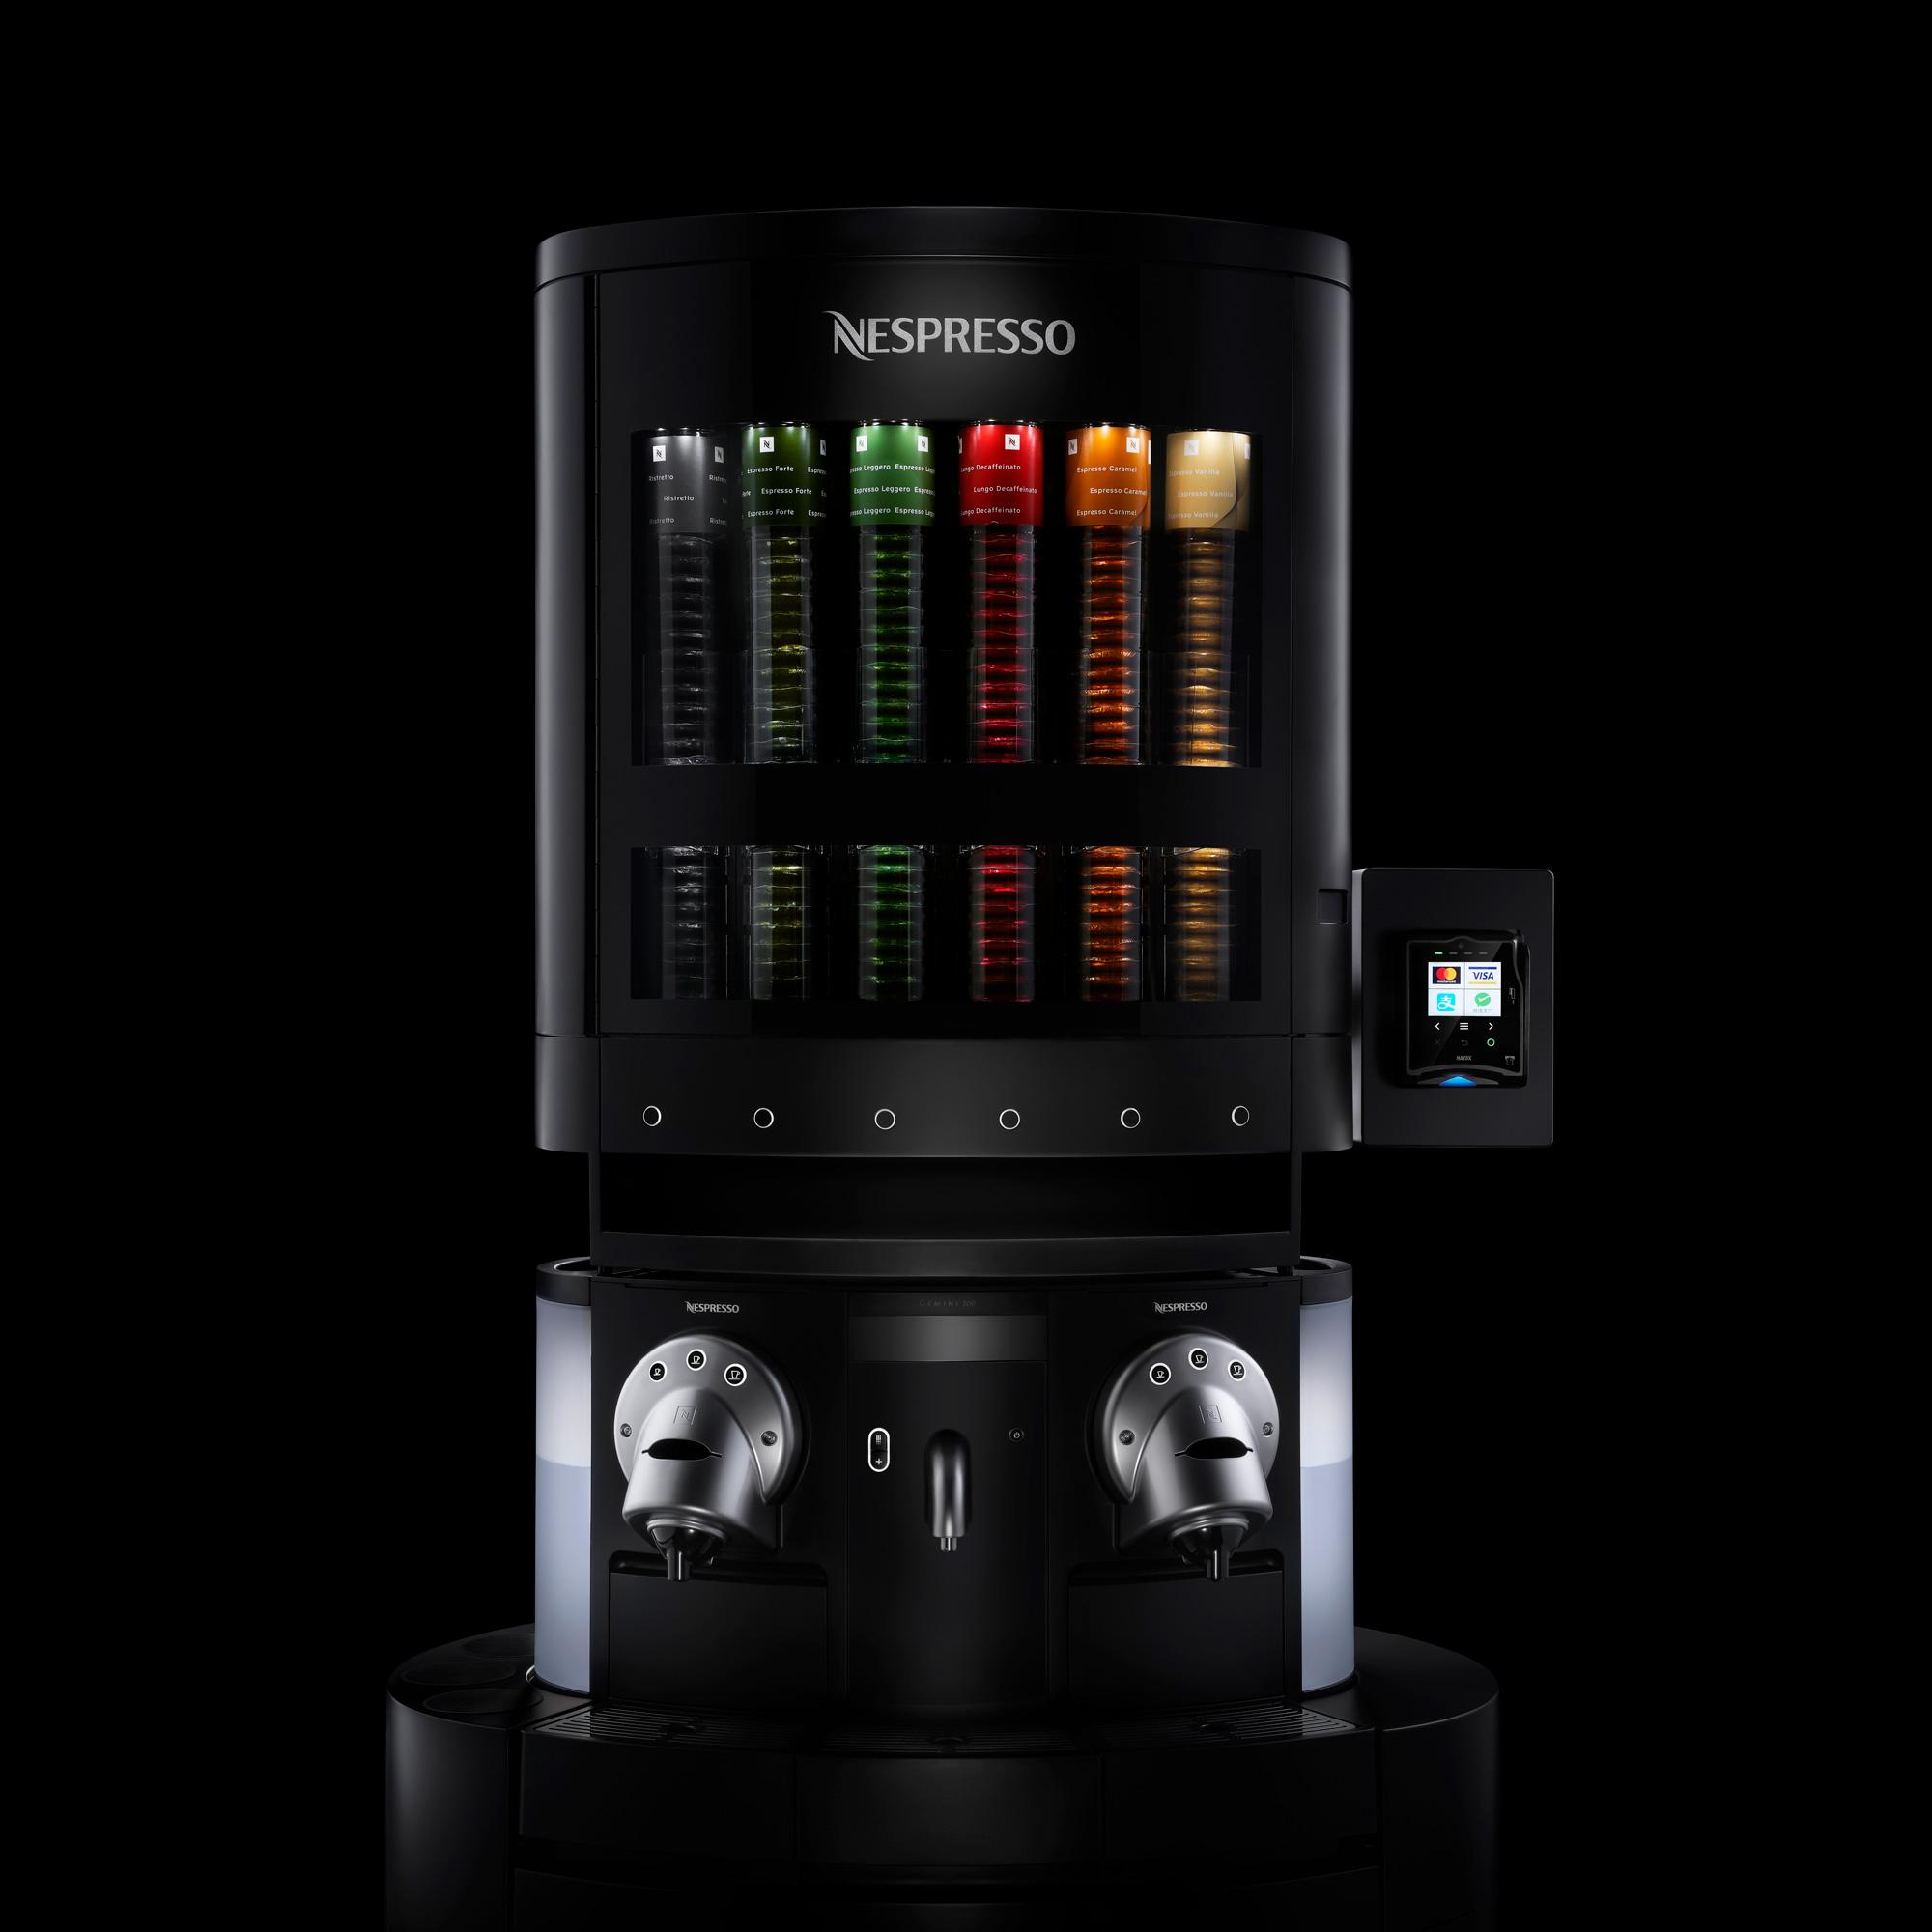 01-Nespresso-full---New-Nayax---Black.jpg